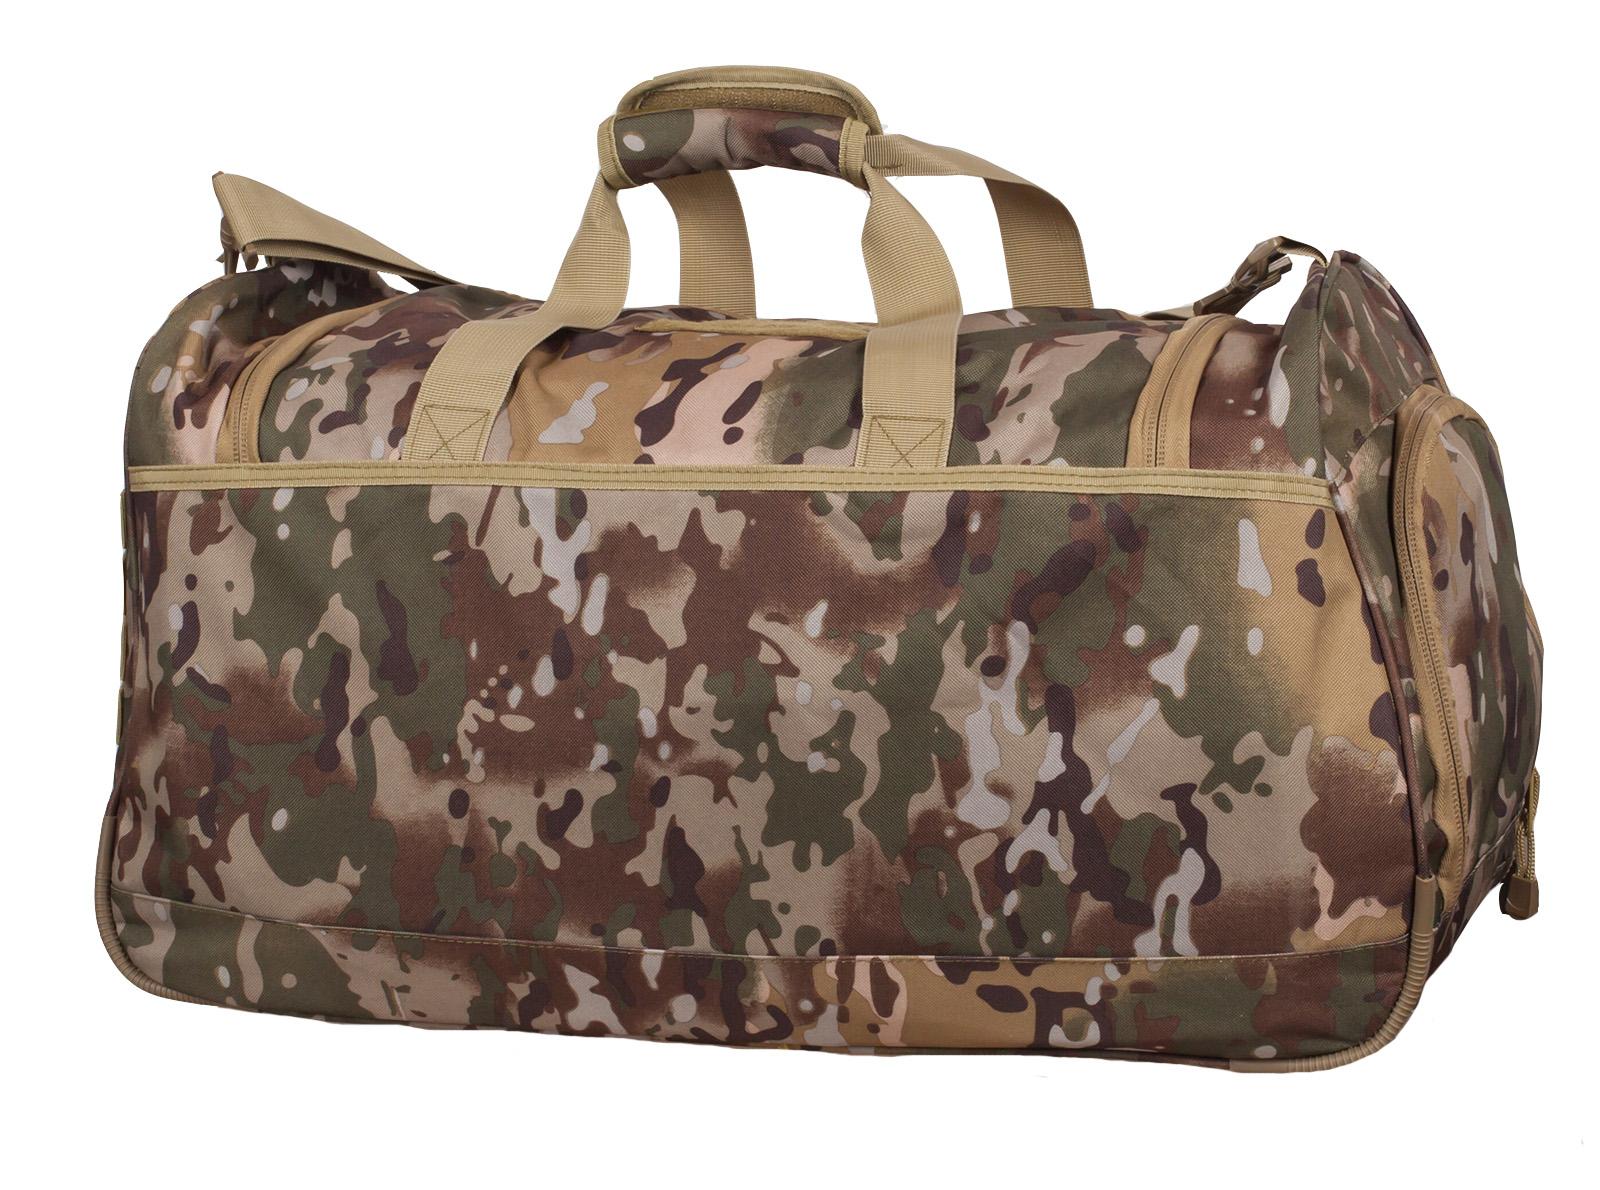 Тактическая полевая сумка с нашивкой Охотничий Спецназ заказать оптом